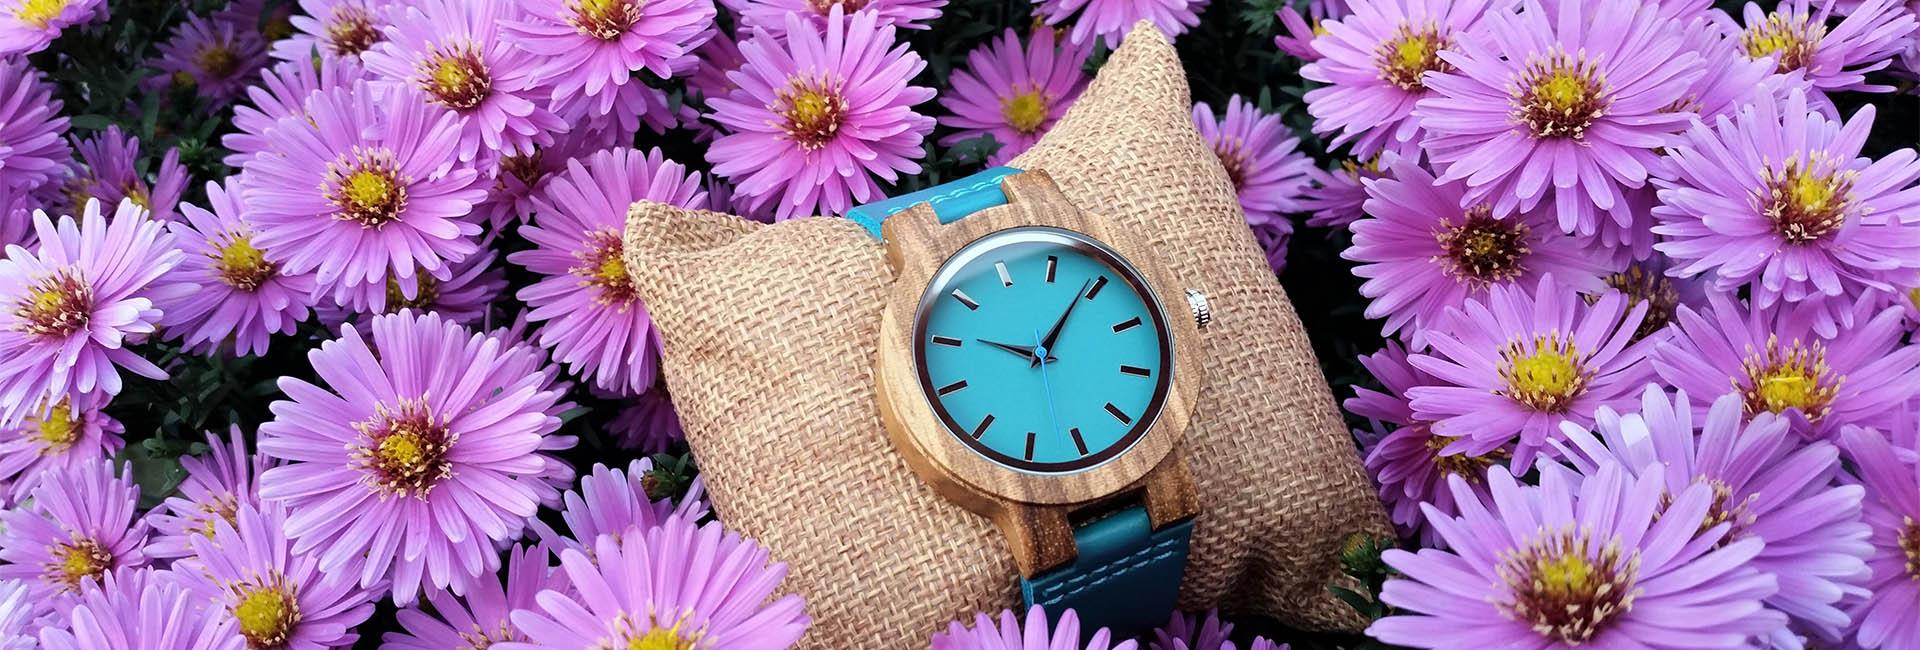 kategoria-zeny-drevene-hodinky-vini